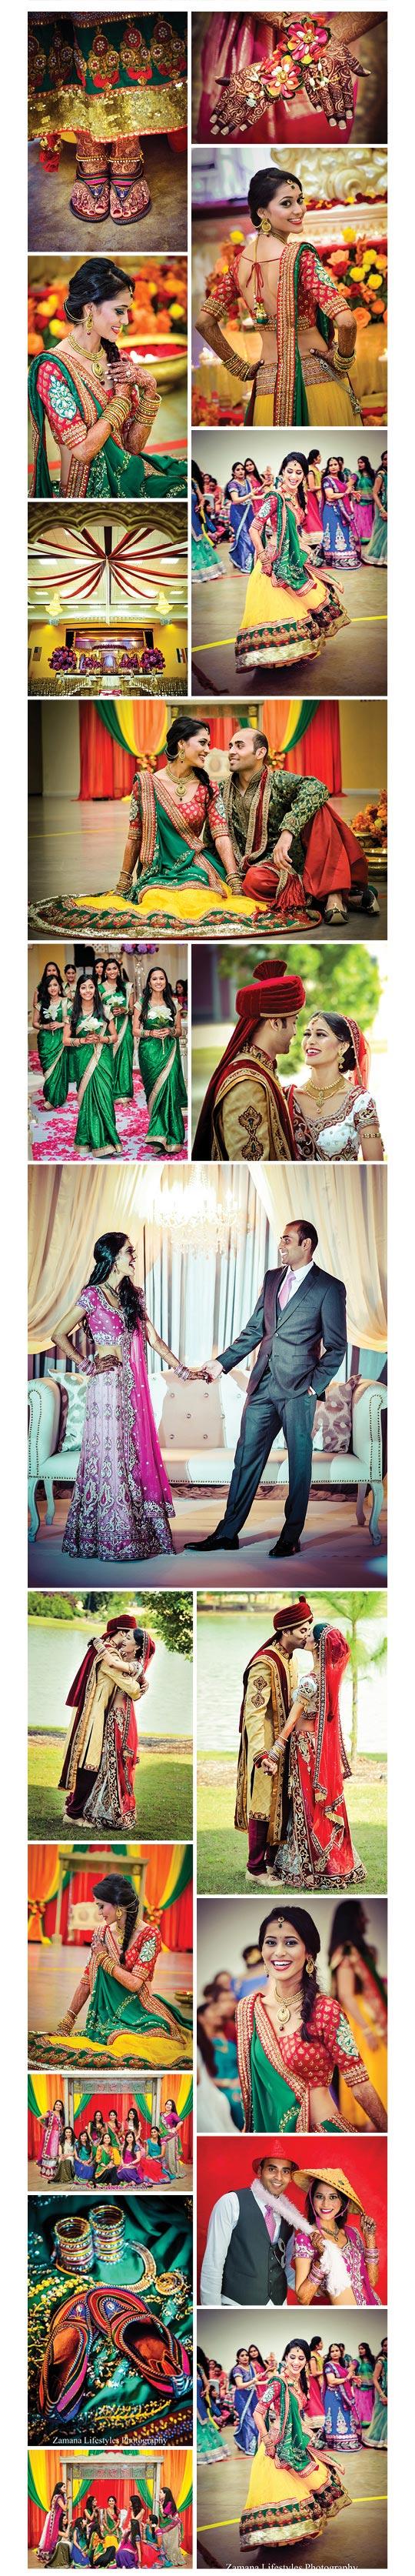 Bhumi weds Nikhil